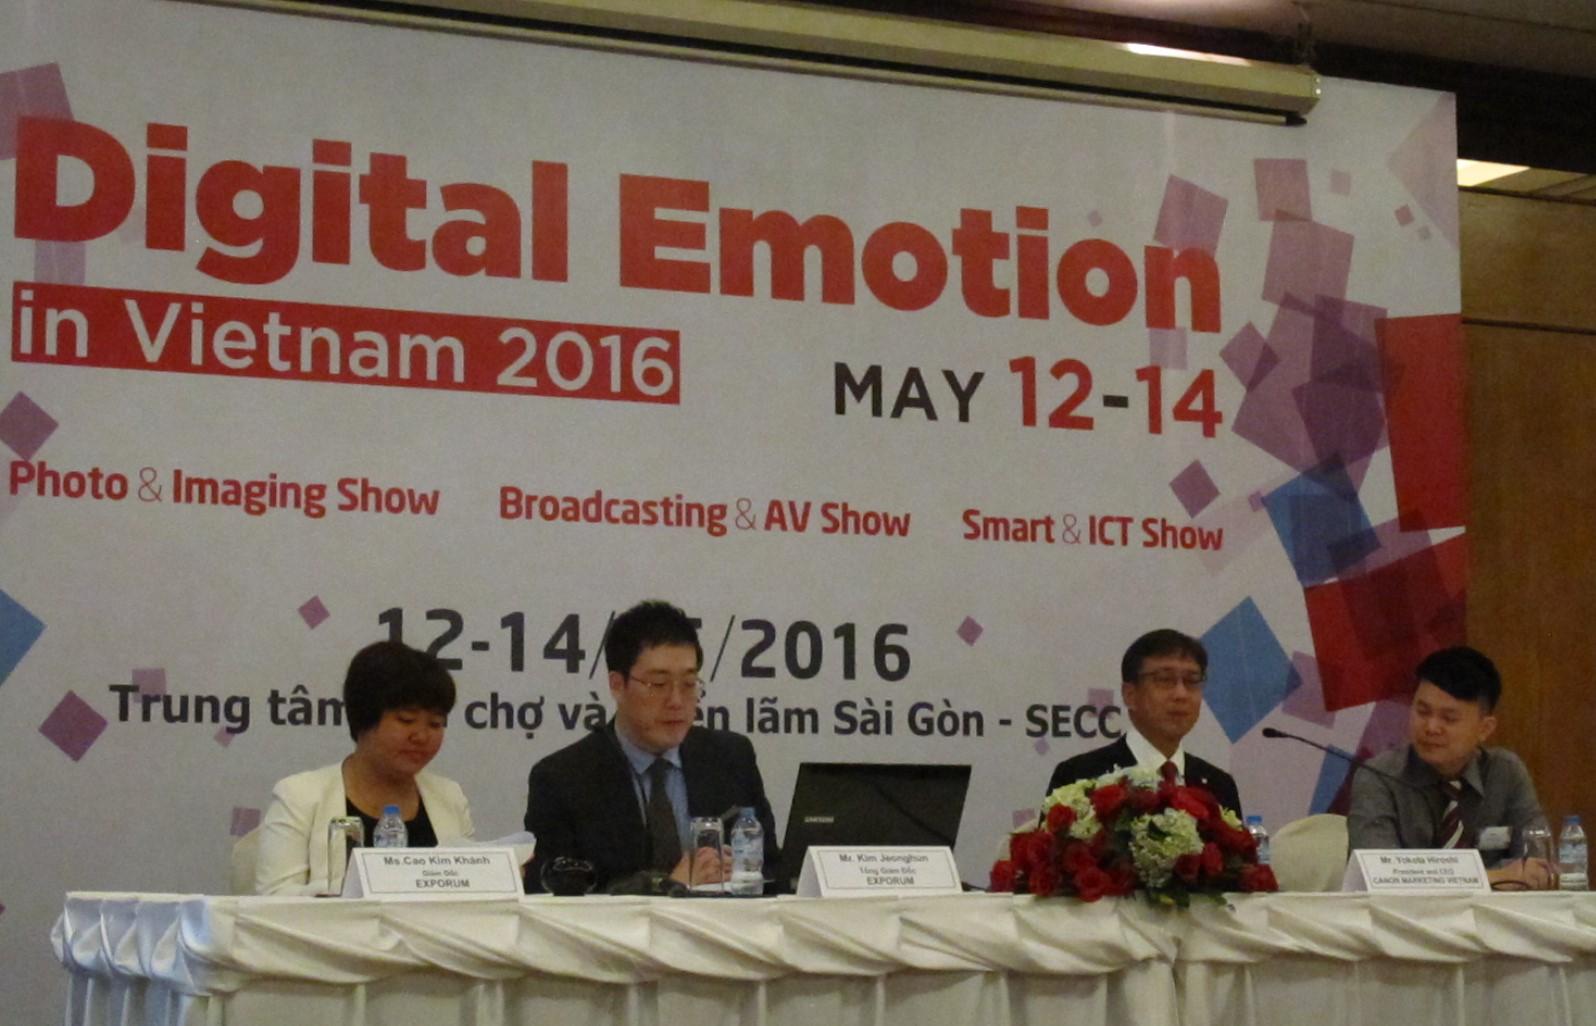 Triển lãm Digital Emotion 2016 xu hướng mới dành cho ngành công nghệ